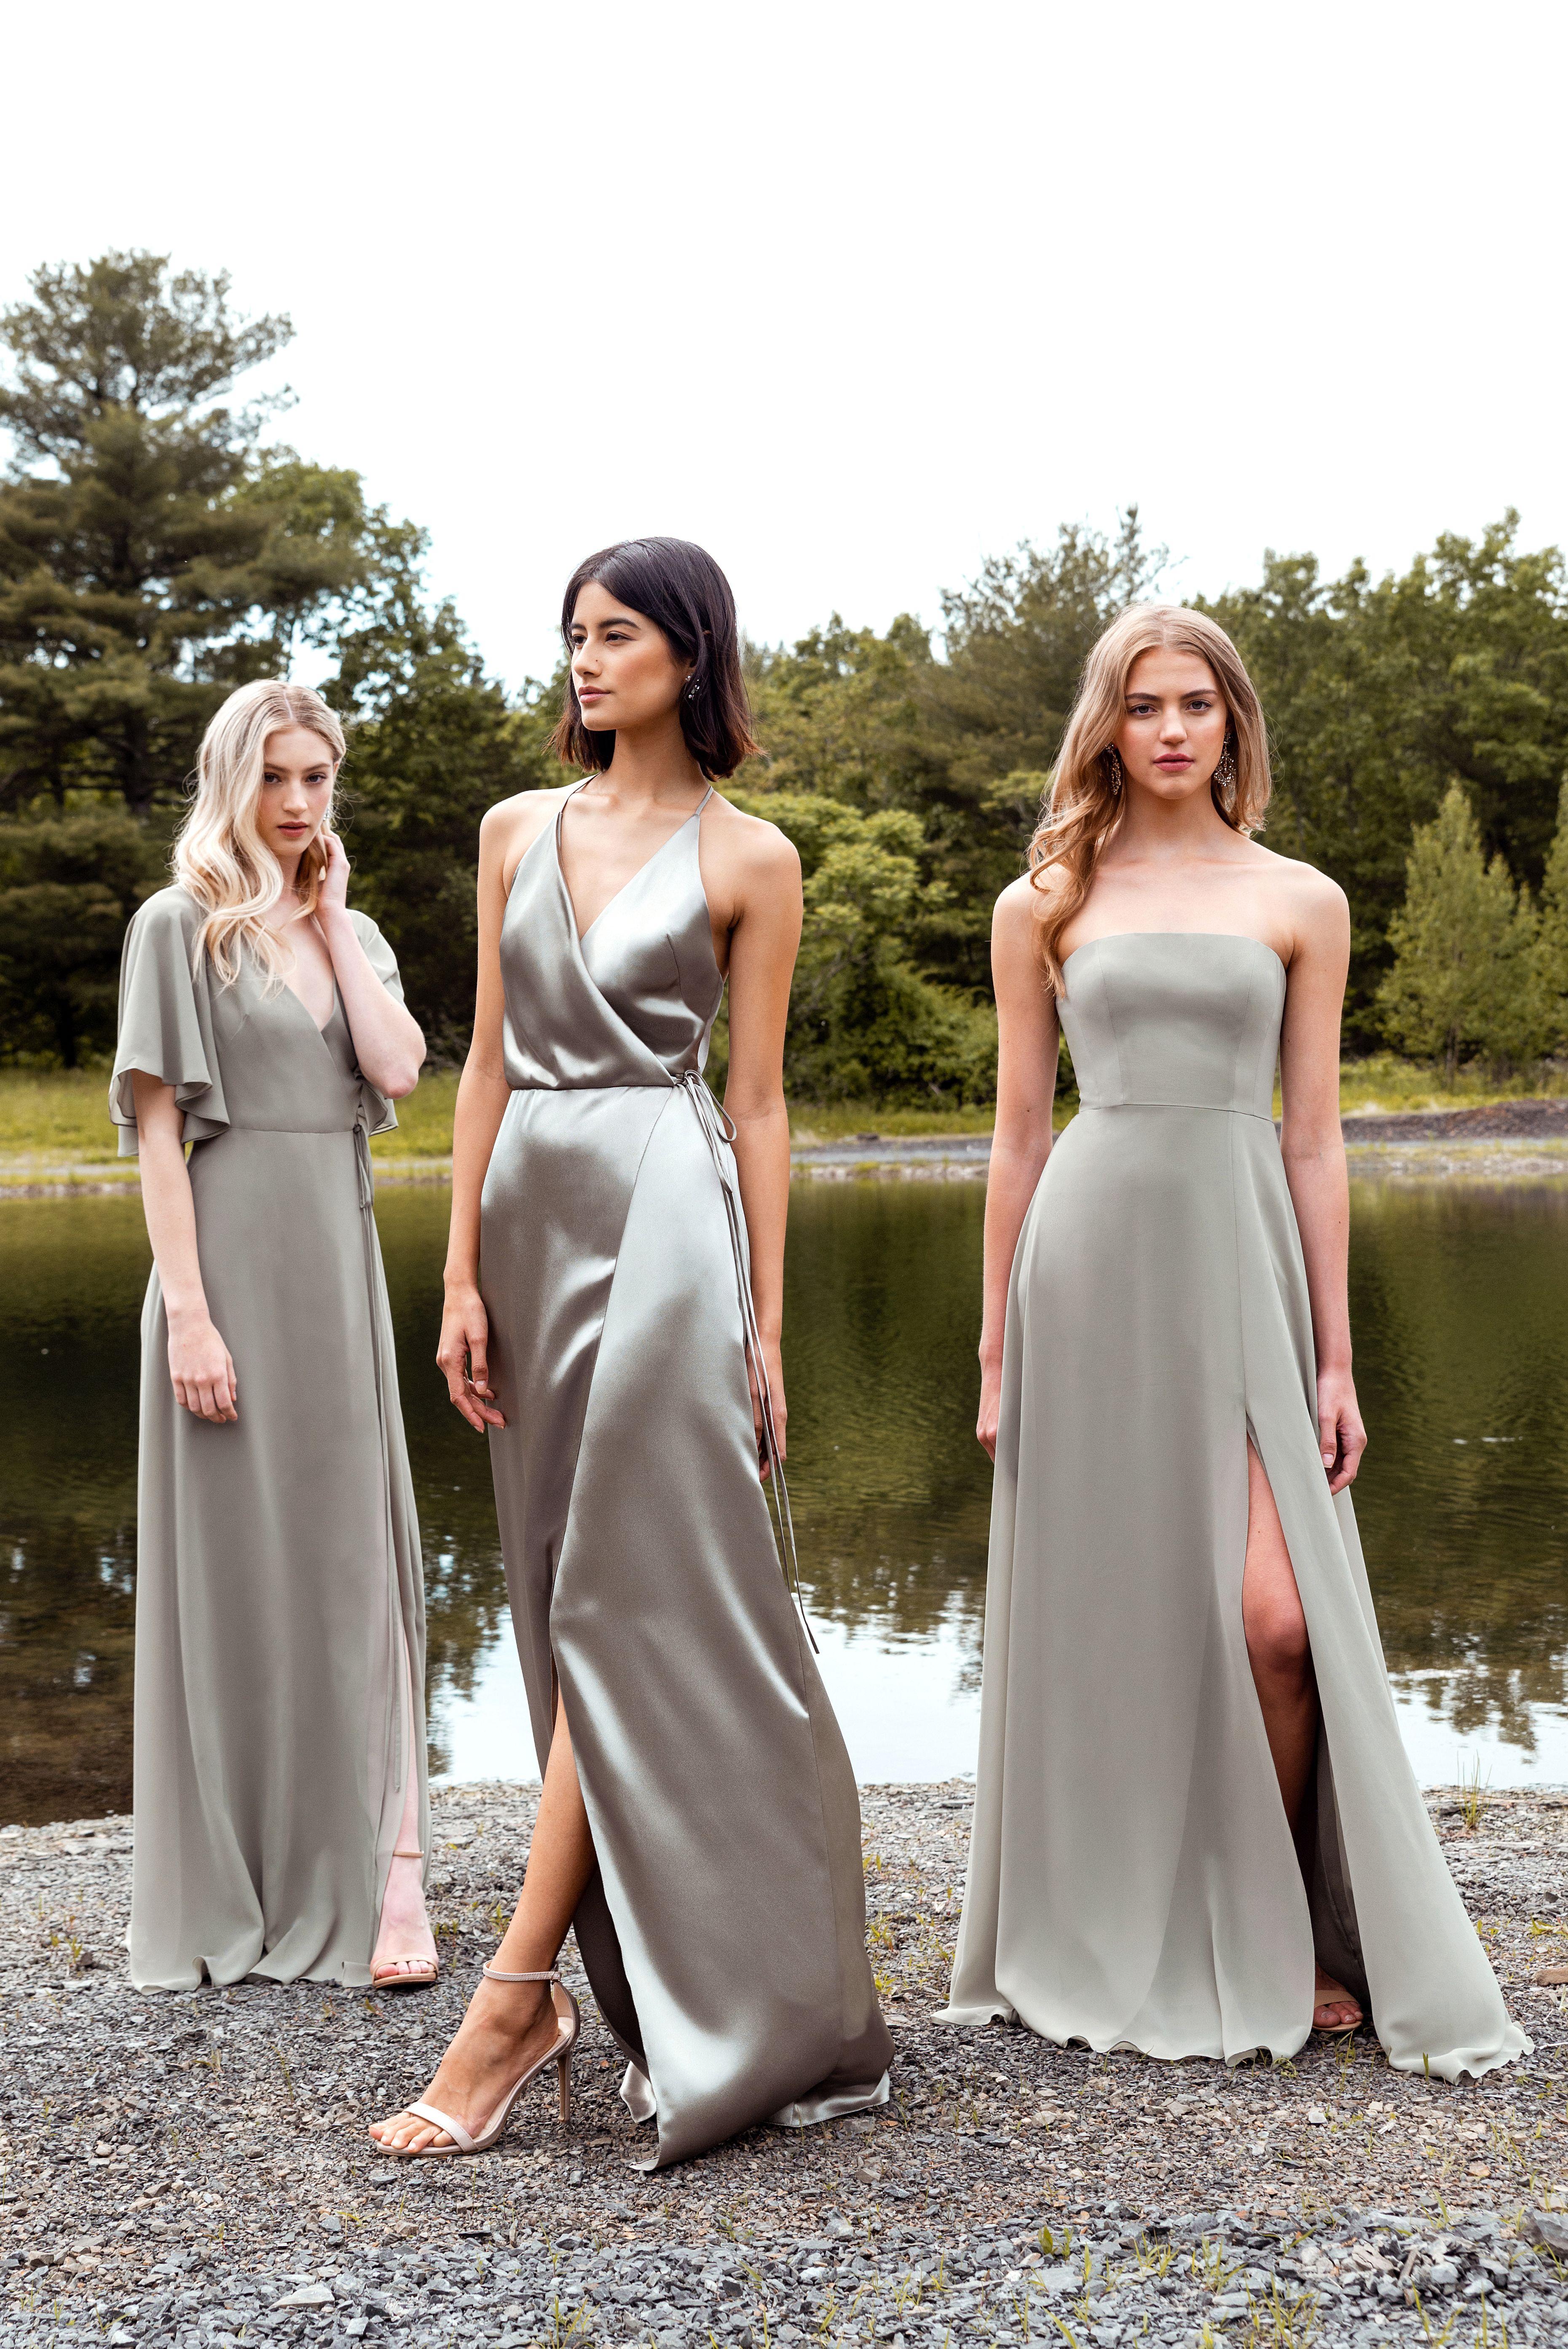 Sage Green Bridesmaid Dresses Youth Dridesmaid Sofiedress Sage Green Bridesmaid Dress Sage Bridesmaid Dresses Green Bridesmaid Dresses